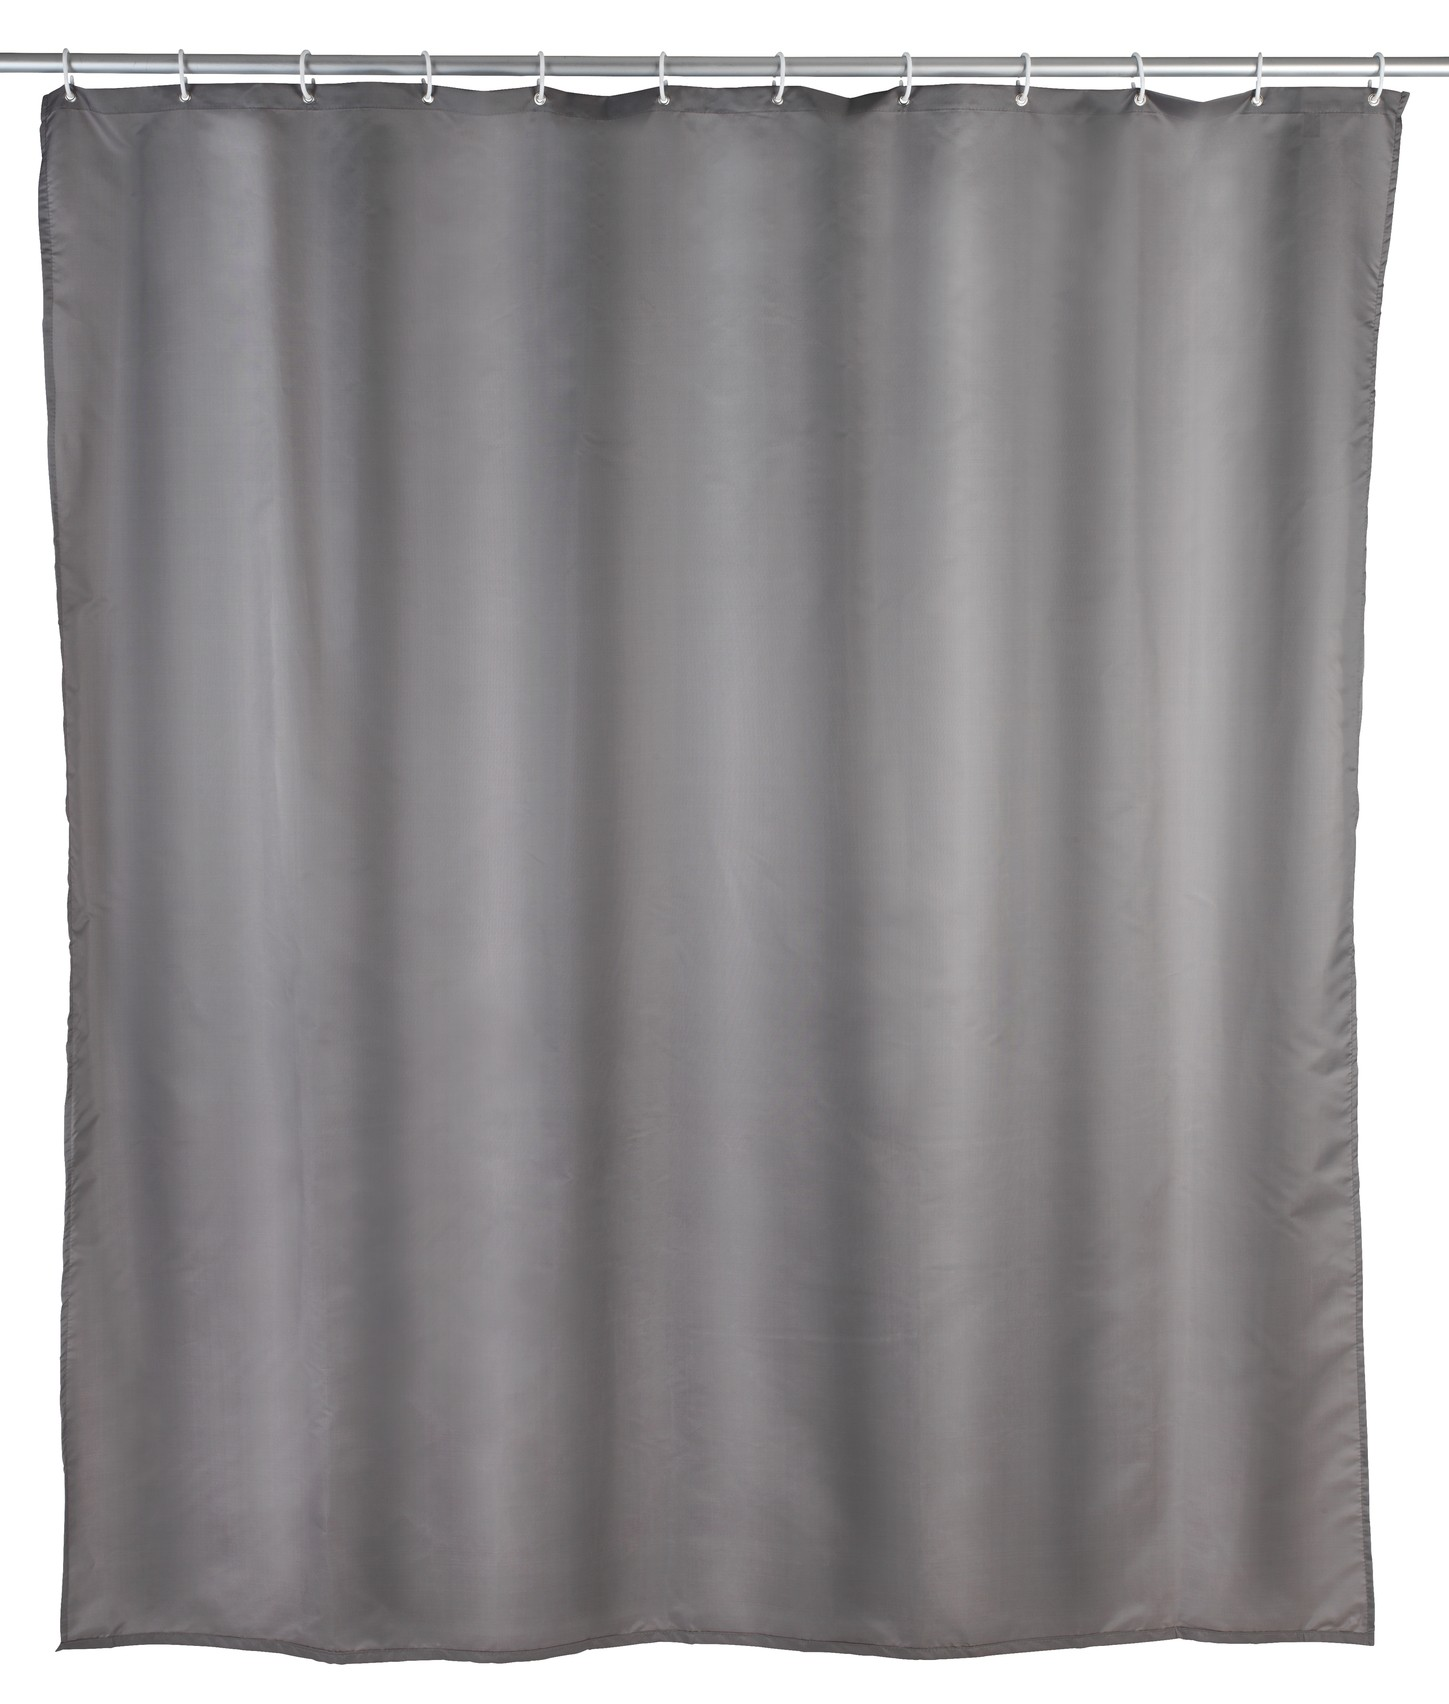 Wenko Duschvorhang Uni Grau, Polyester, 180 x 200 cm, waschbar